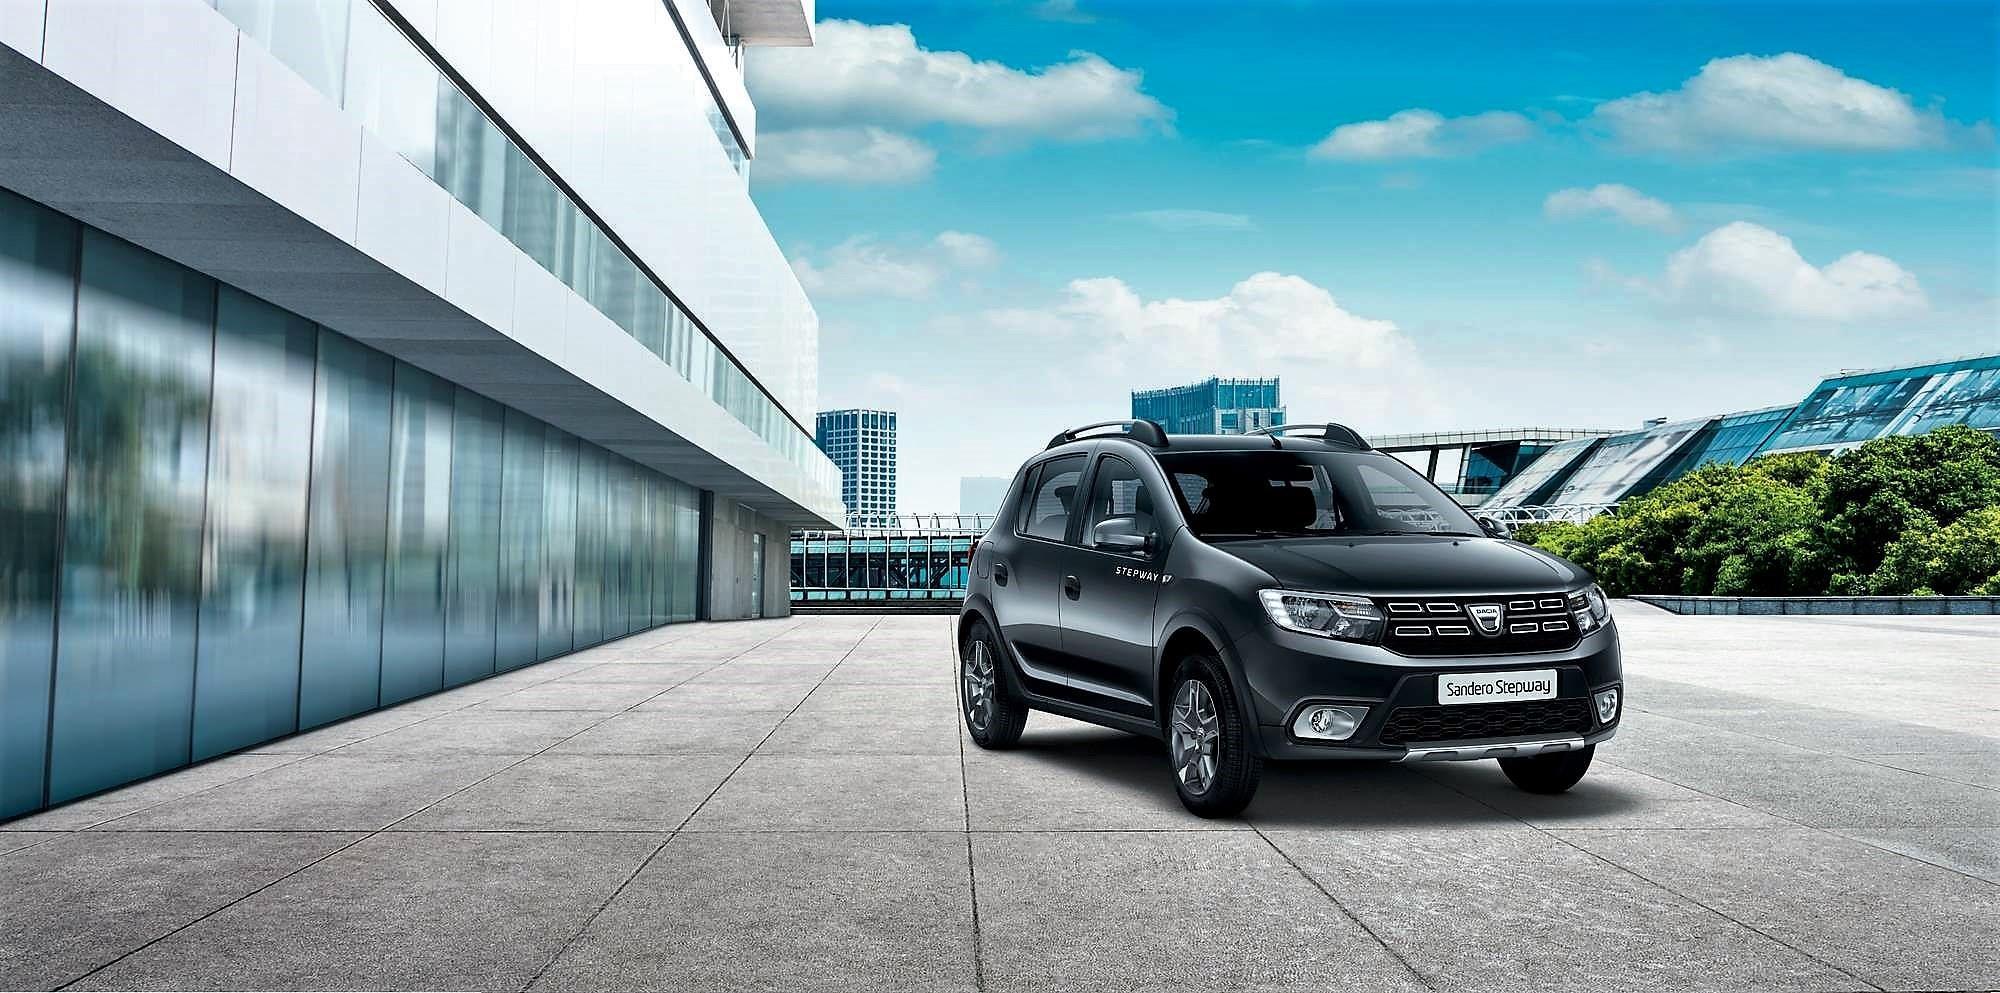 Dacia Sandero lo vuelve a lograr. Es el más vendido